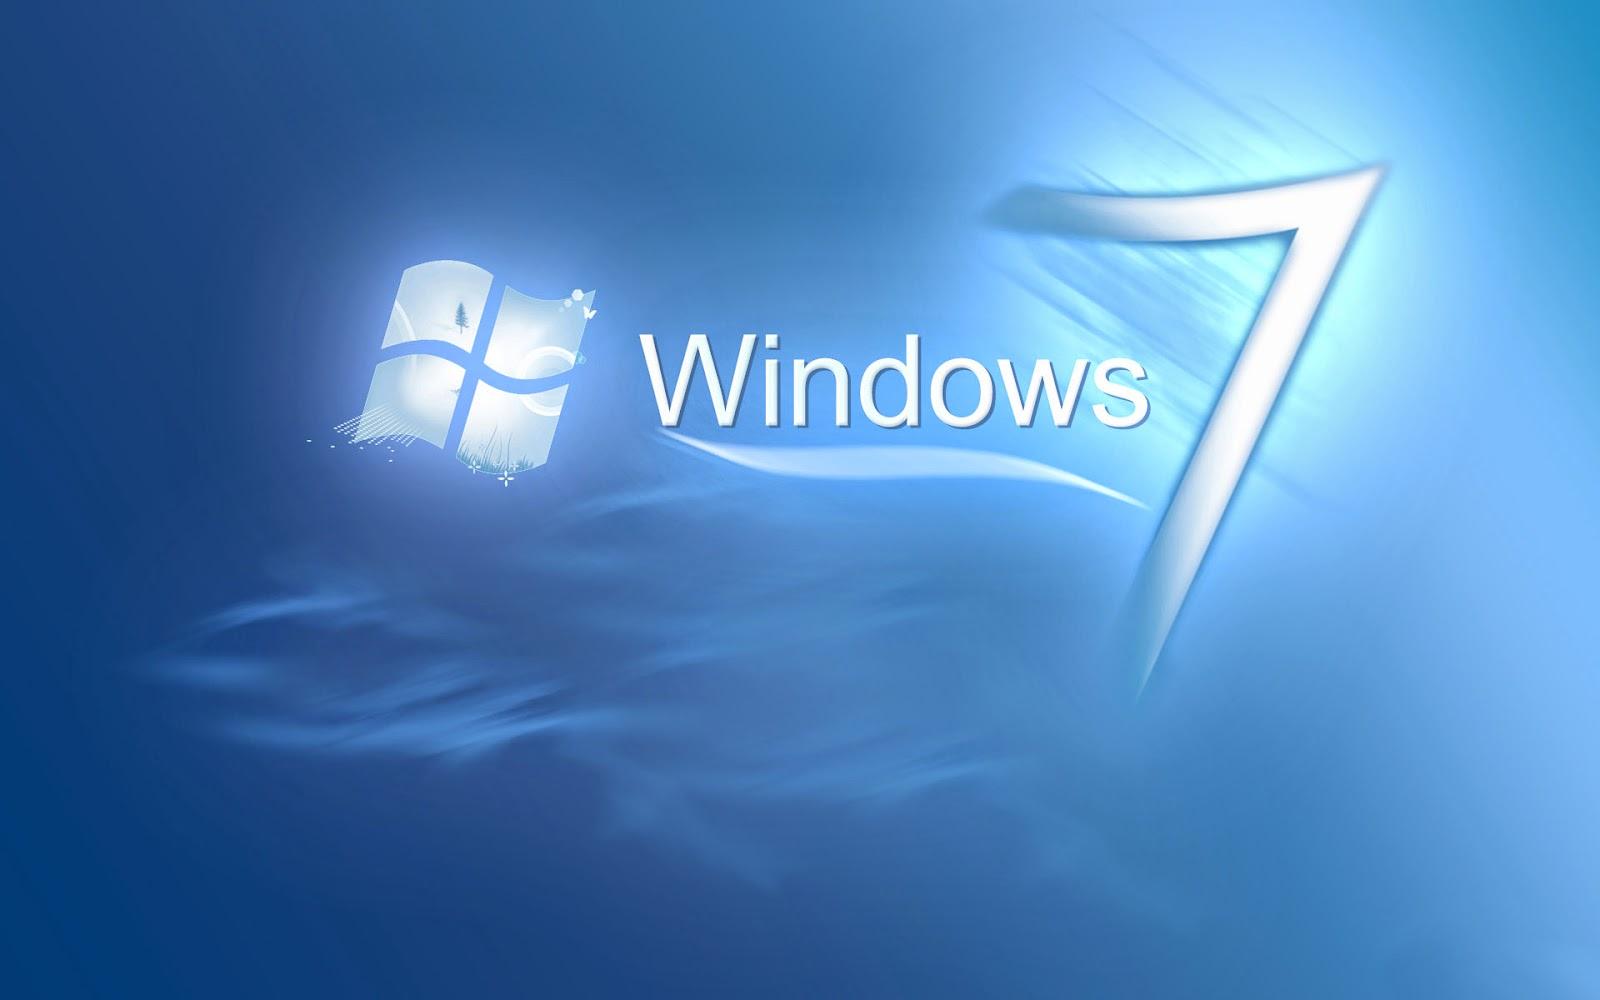 Windows 7 Live Wallpapers Group - Computer Windows 7 Desktop - HD Wallpaper